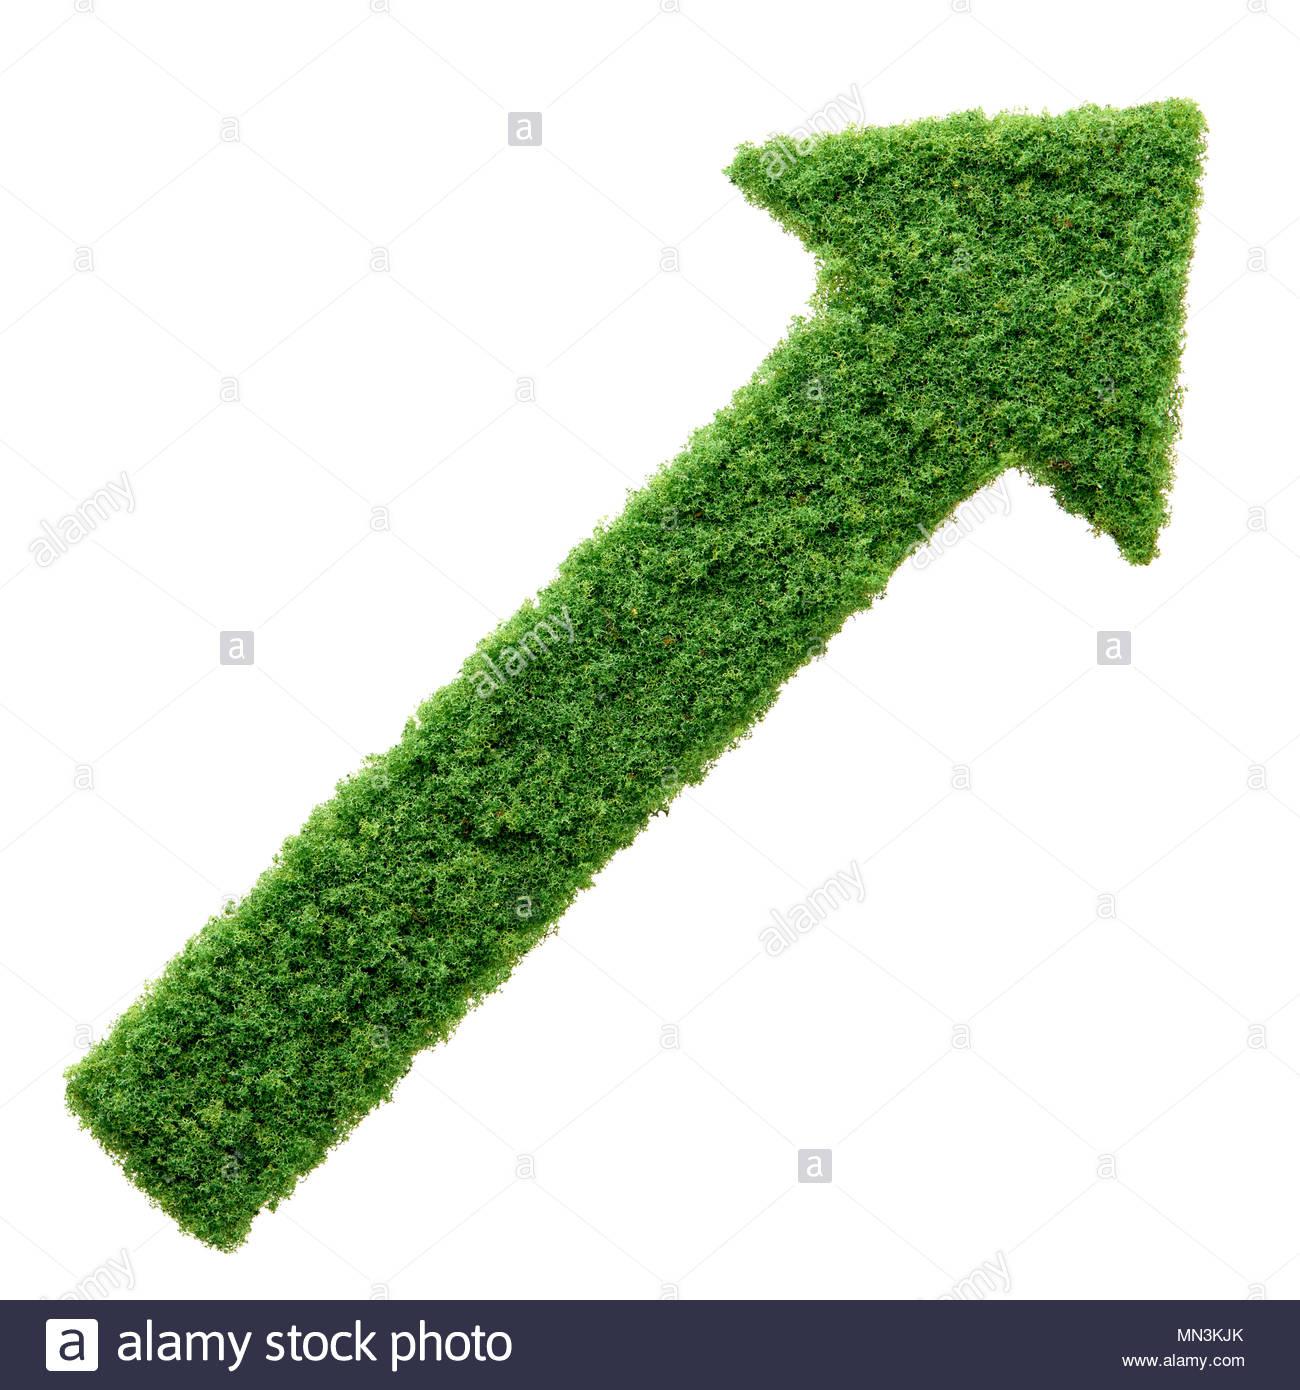 La hierba crece en la forma de una flecha, simbolizando la atención y la dedicación necesarios para el progreso, el éxito y el beneficio en los negocios. Imagen De Stock